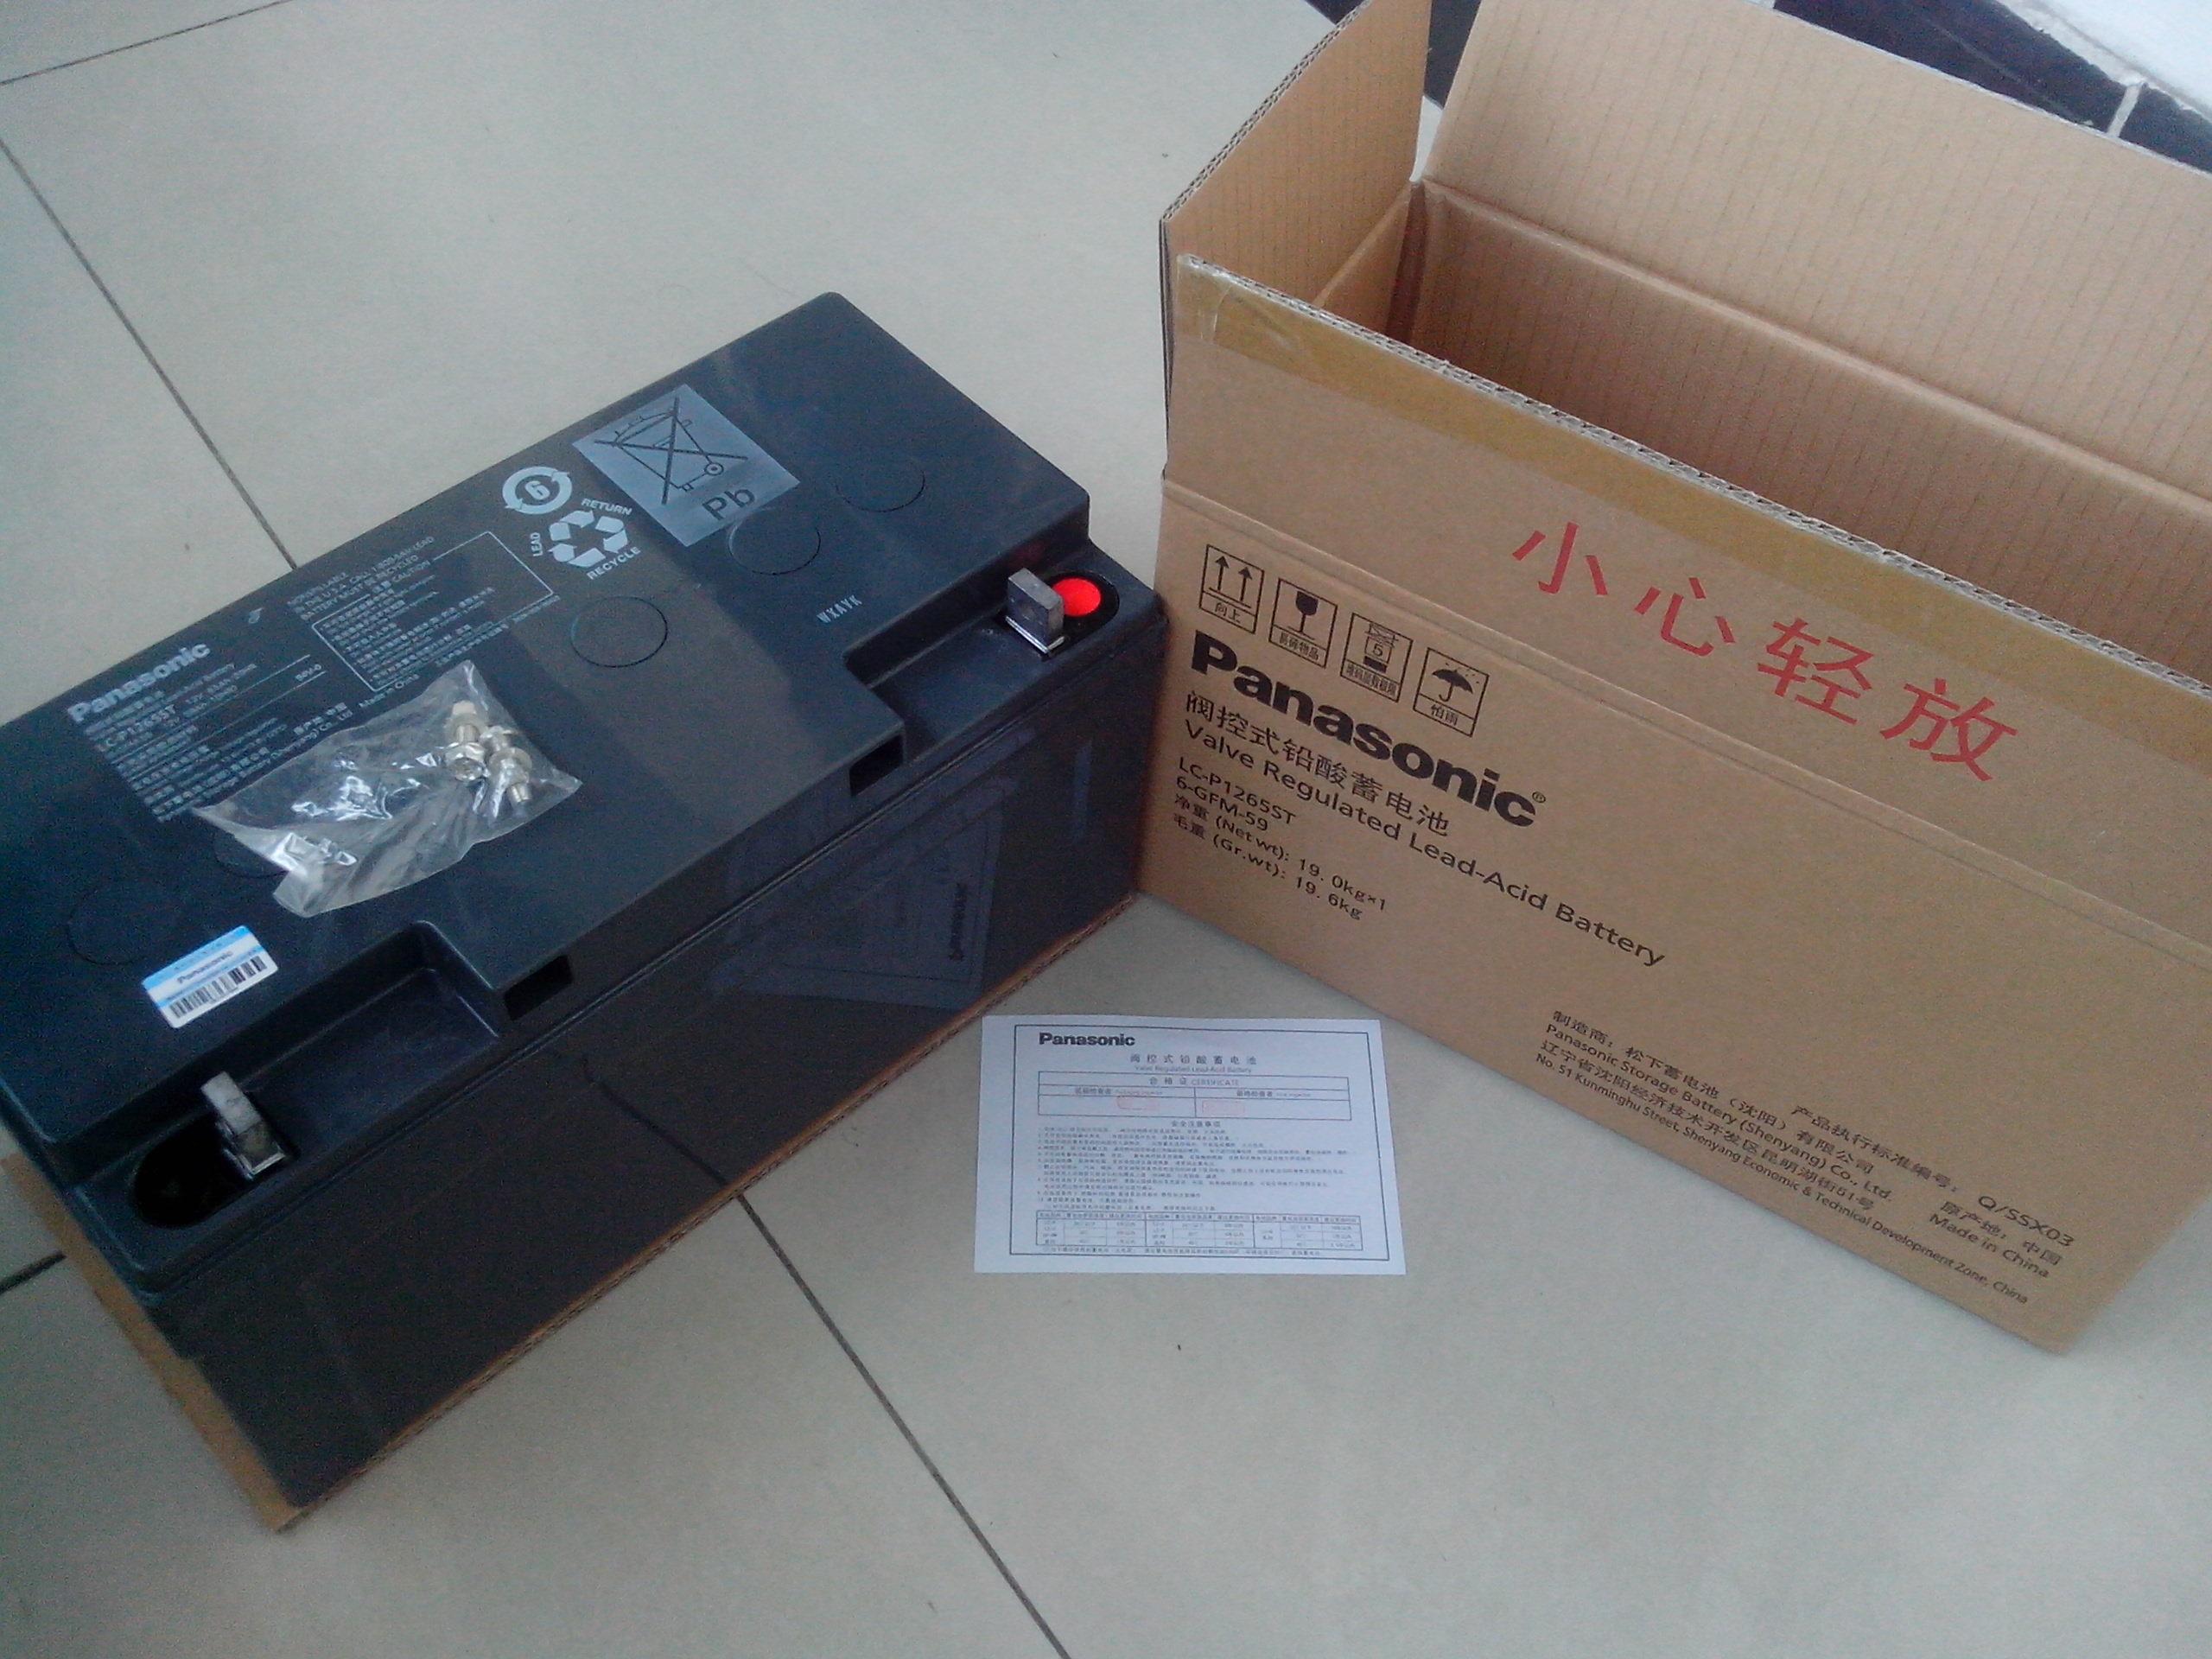 12V65AH Panasonic Panasonic bateria de Chumbo - ácido de válvula regulada bateria UPS bateria de LC-P12V65AH garantia de três Anos